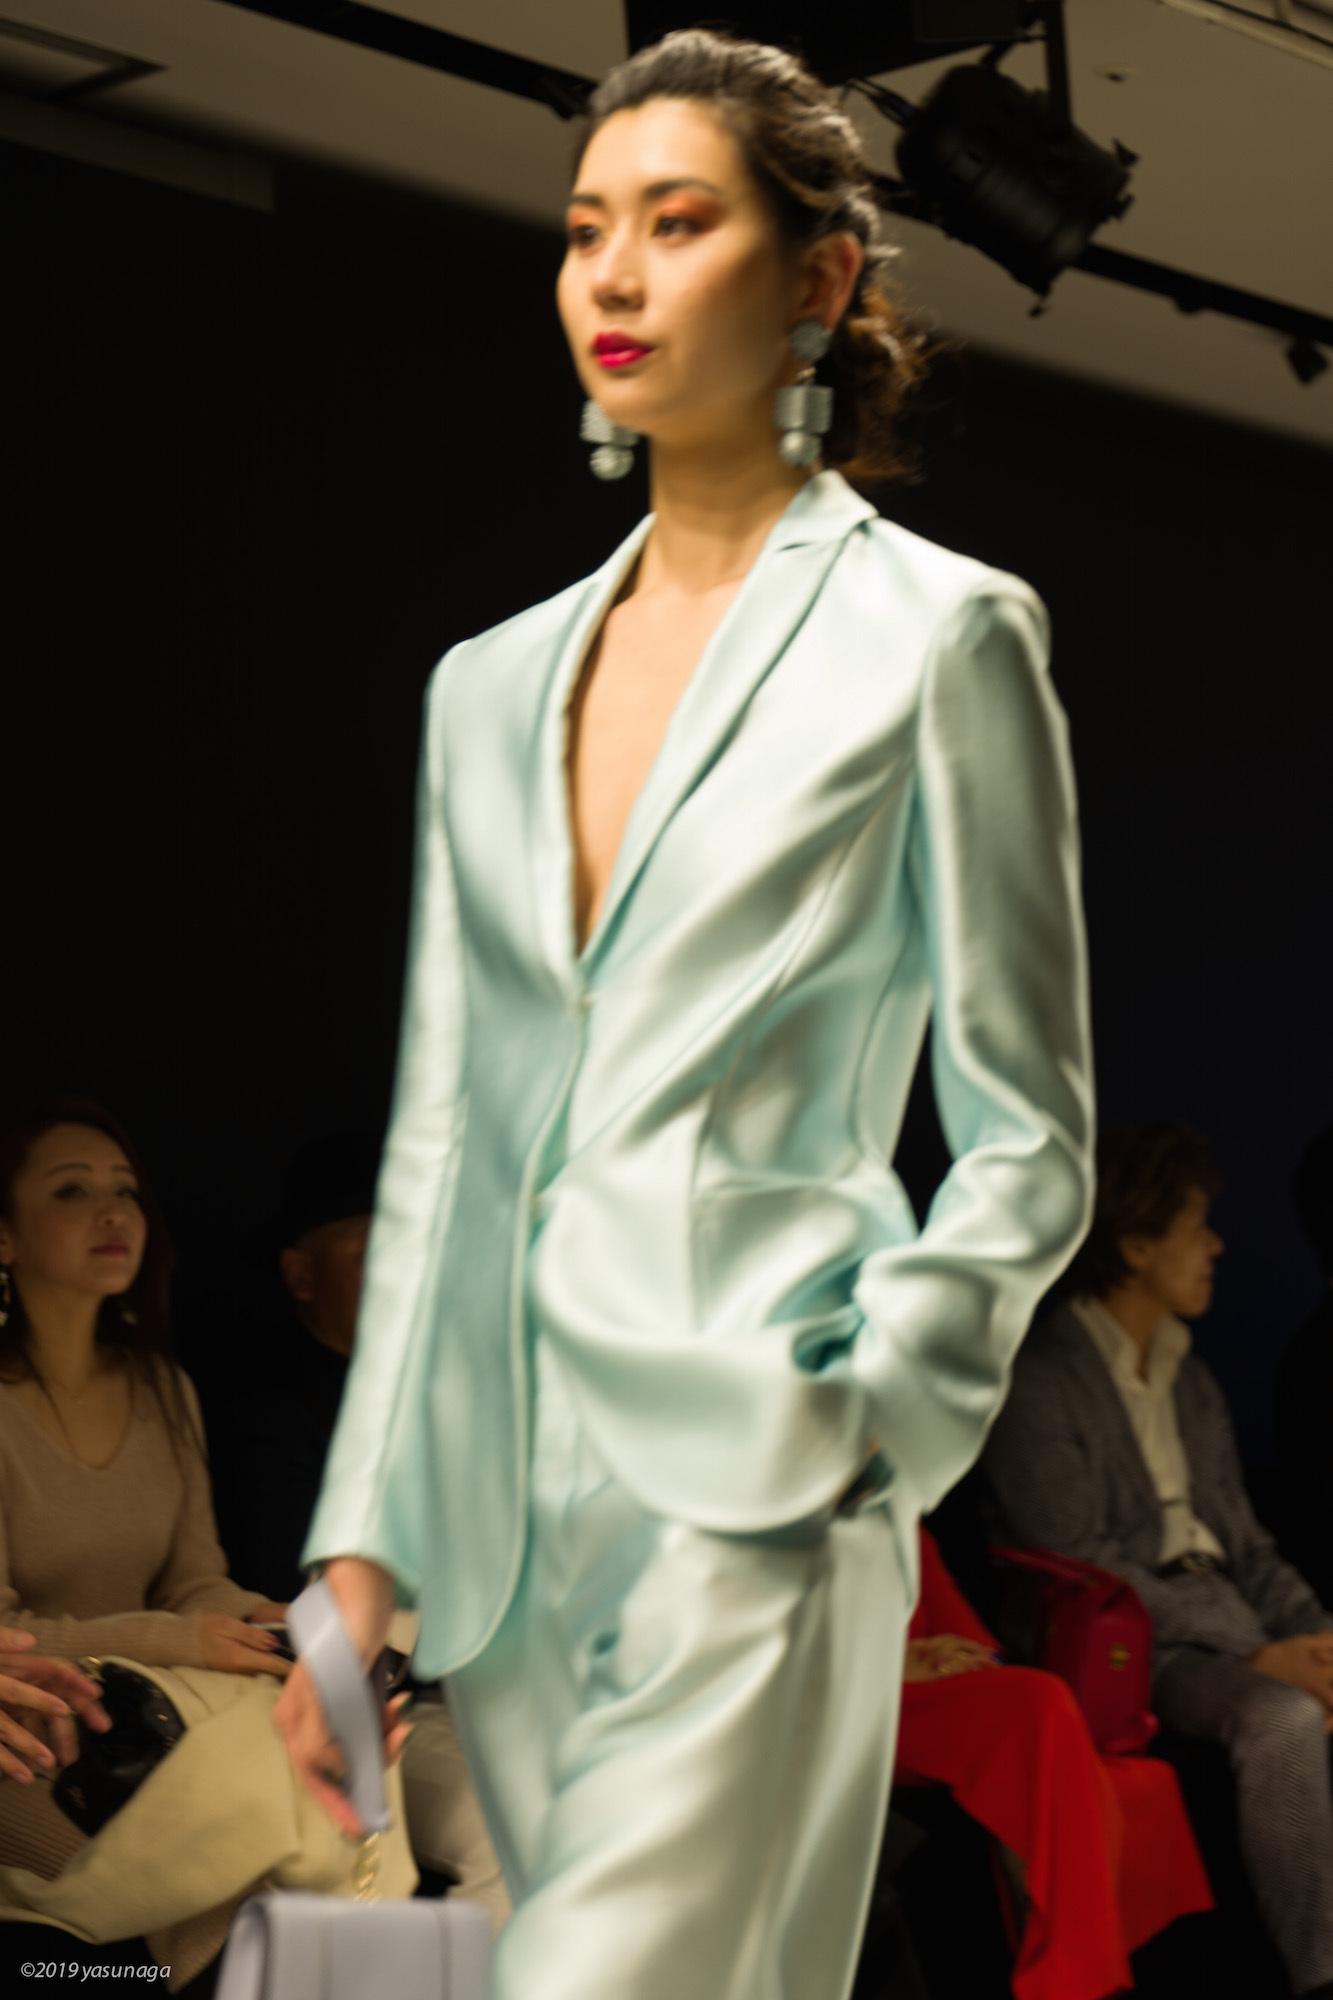 アルマーニ ファッション_d0192712_14133390.jpg